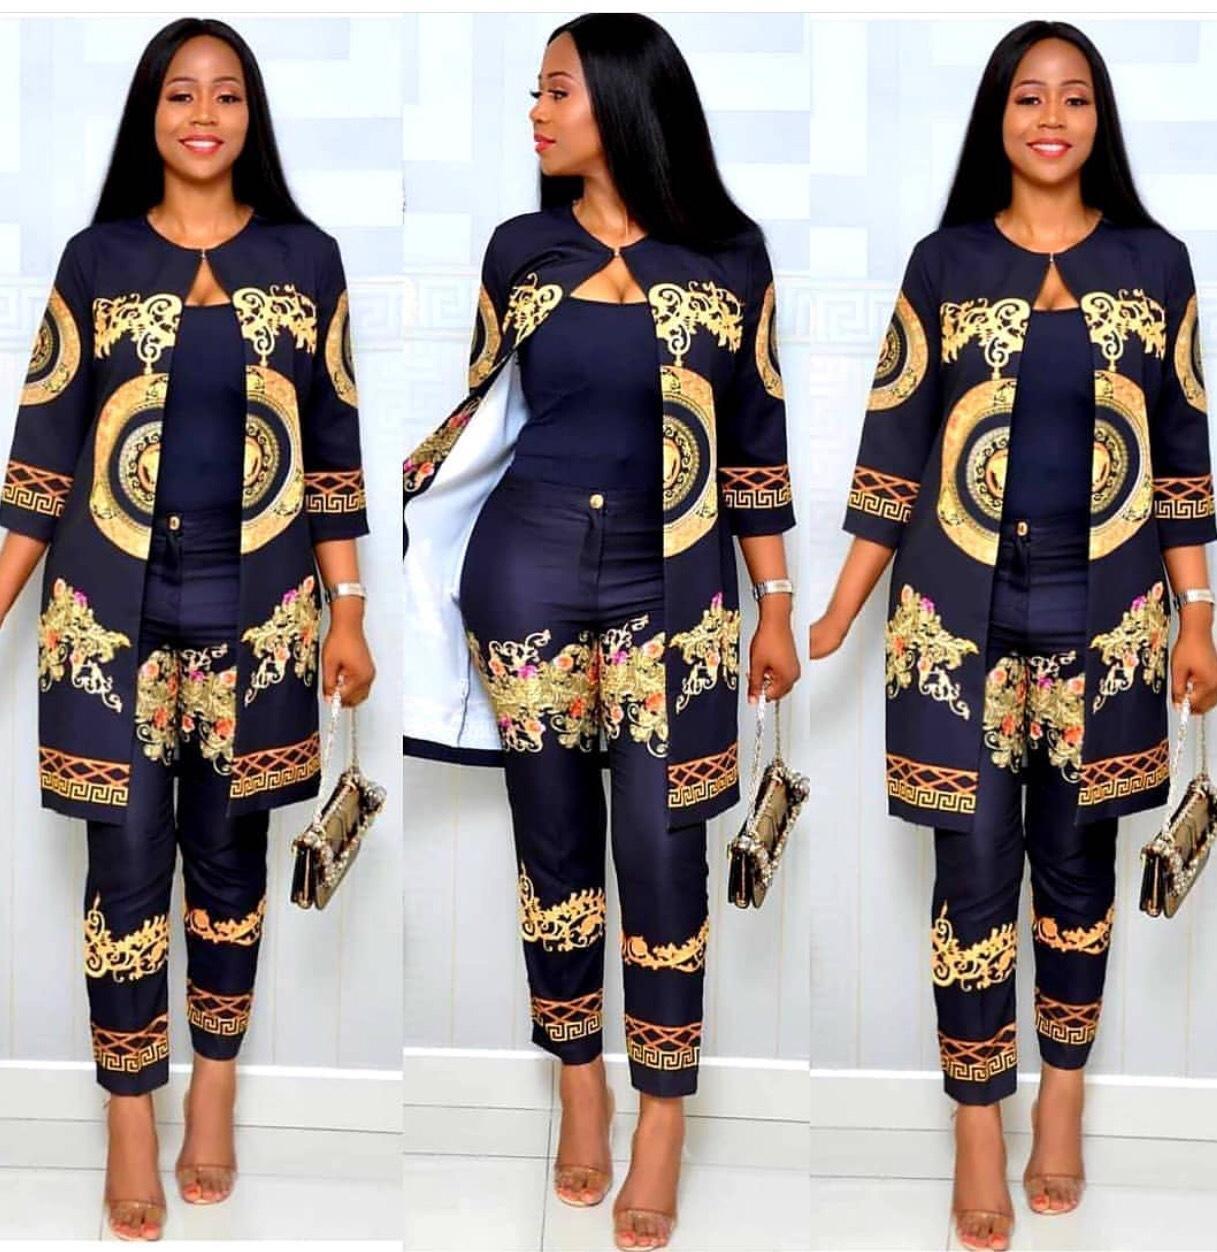 c42bb7e37e5d Acquista Vestito Africano Abiti Nuovi Di Moda Le Donne Stampa Dashiki  Ankara Abbigliamento Bazin Plus Size 3XL Donna 2 Pezzi Set Top E Pantaloni  A  32.17 ...